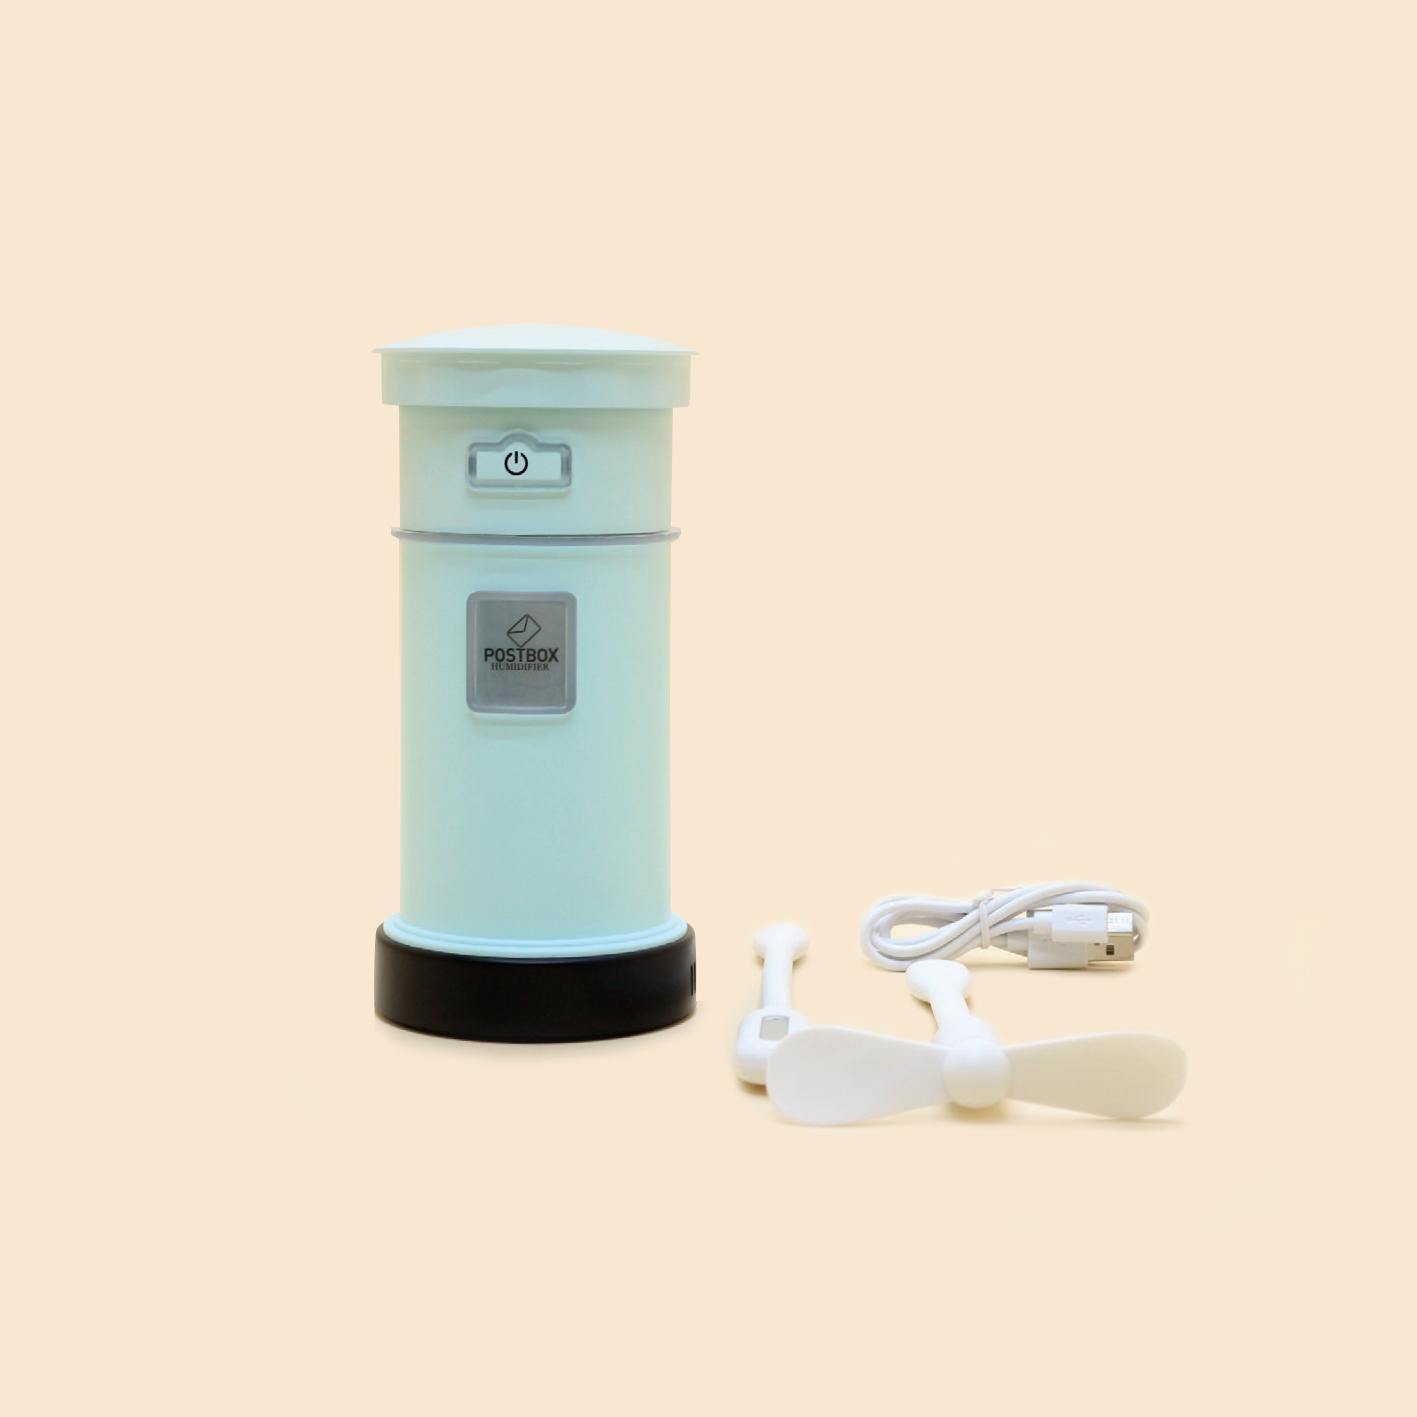 Máy Xông + Đèn + Quạt Hình Hộp Thư - Essential Oils Diffuser Mail Box S20